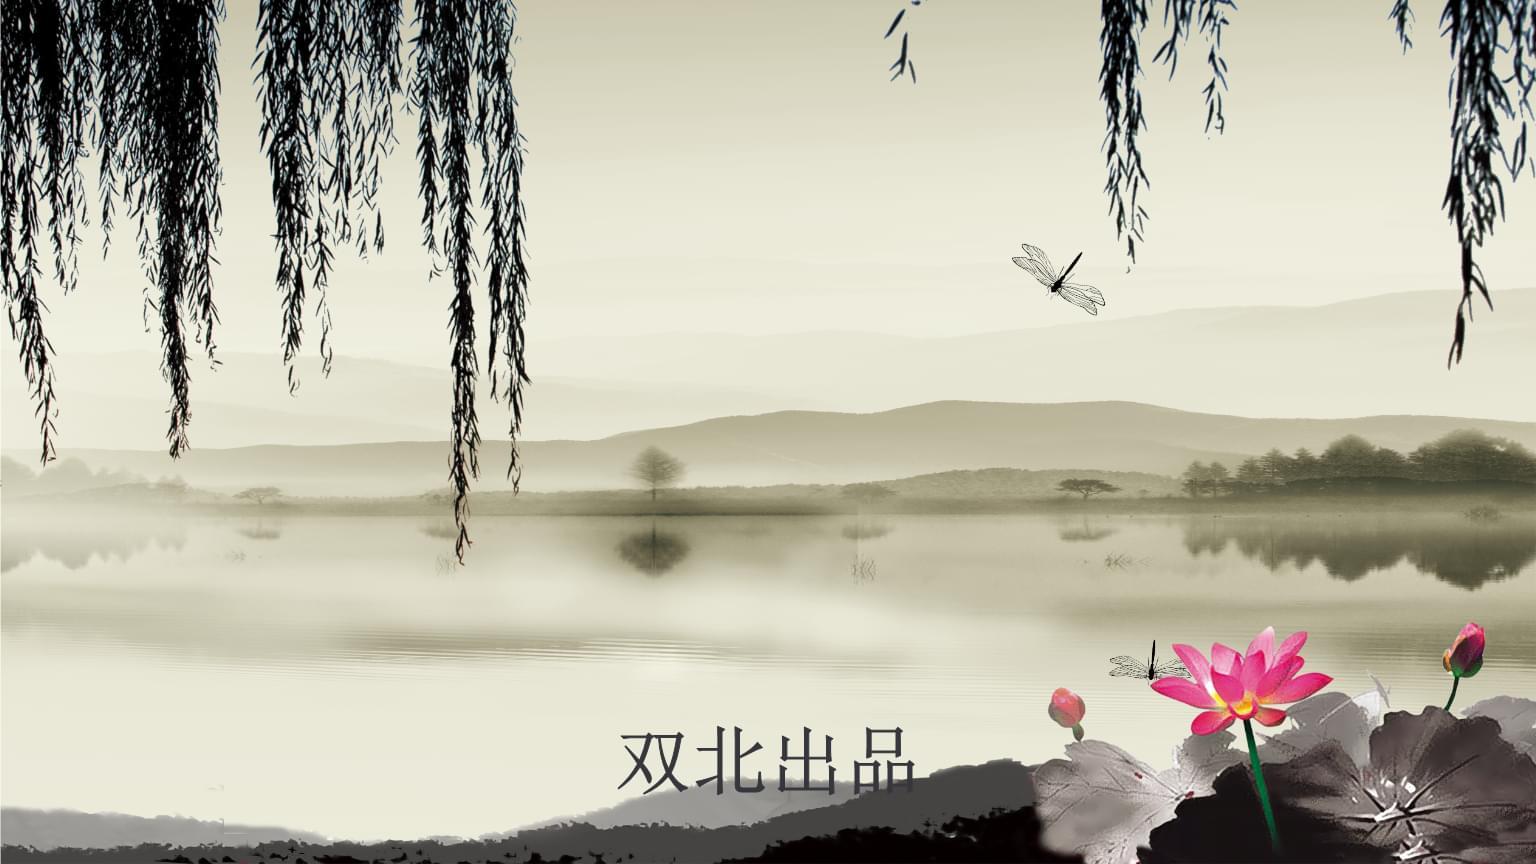 弘扬中华传统文化ppt.ppt